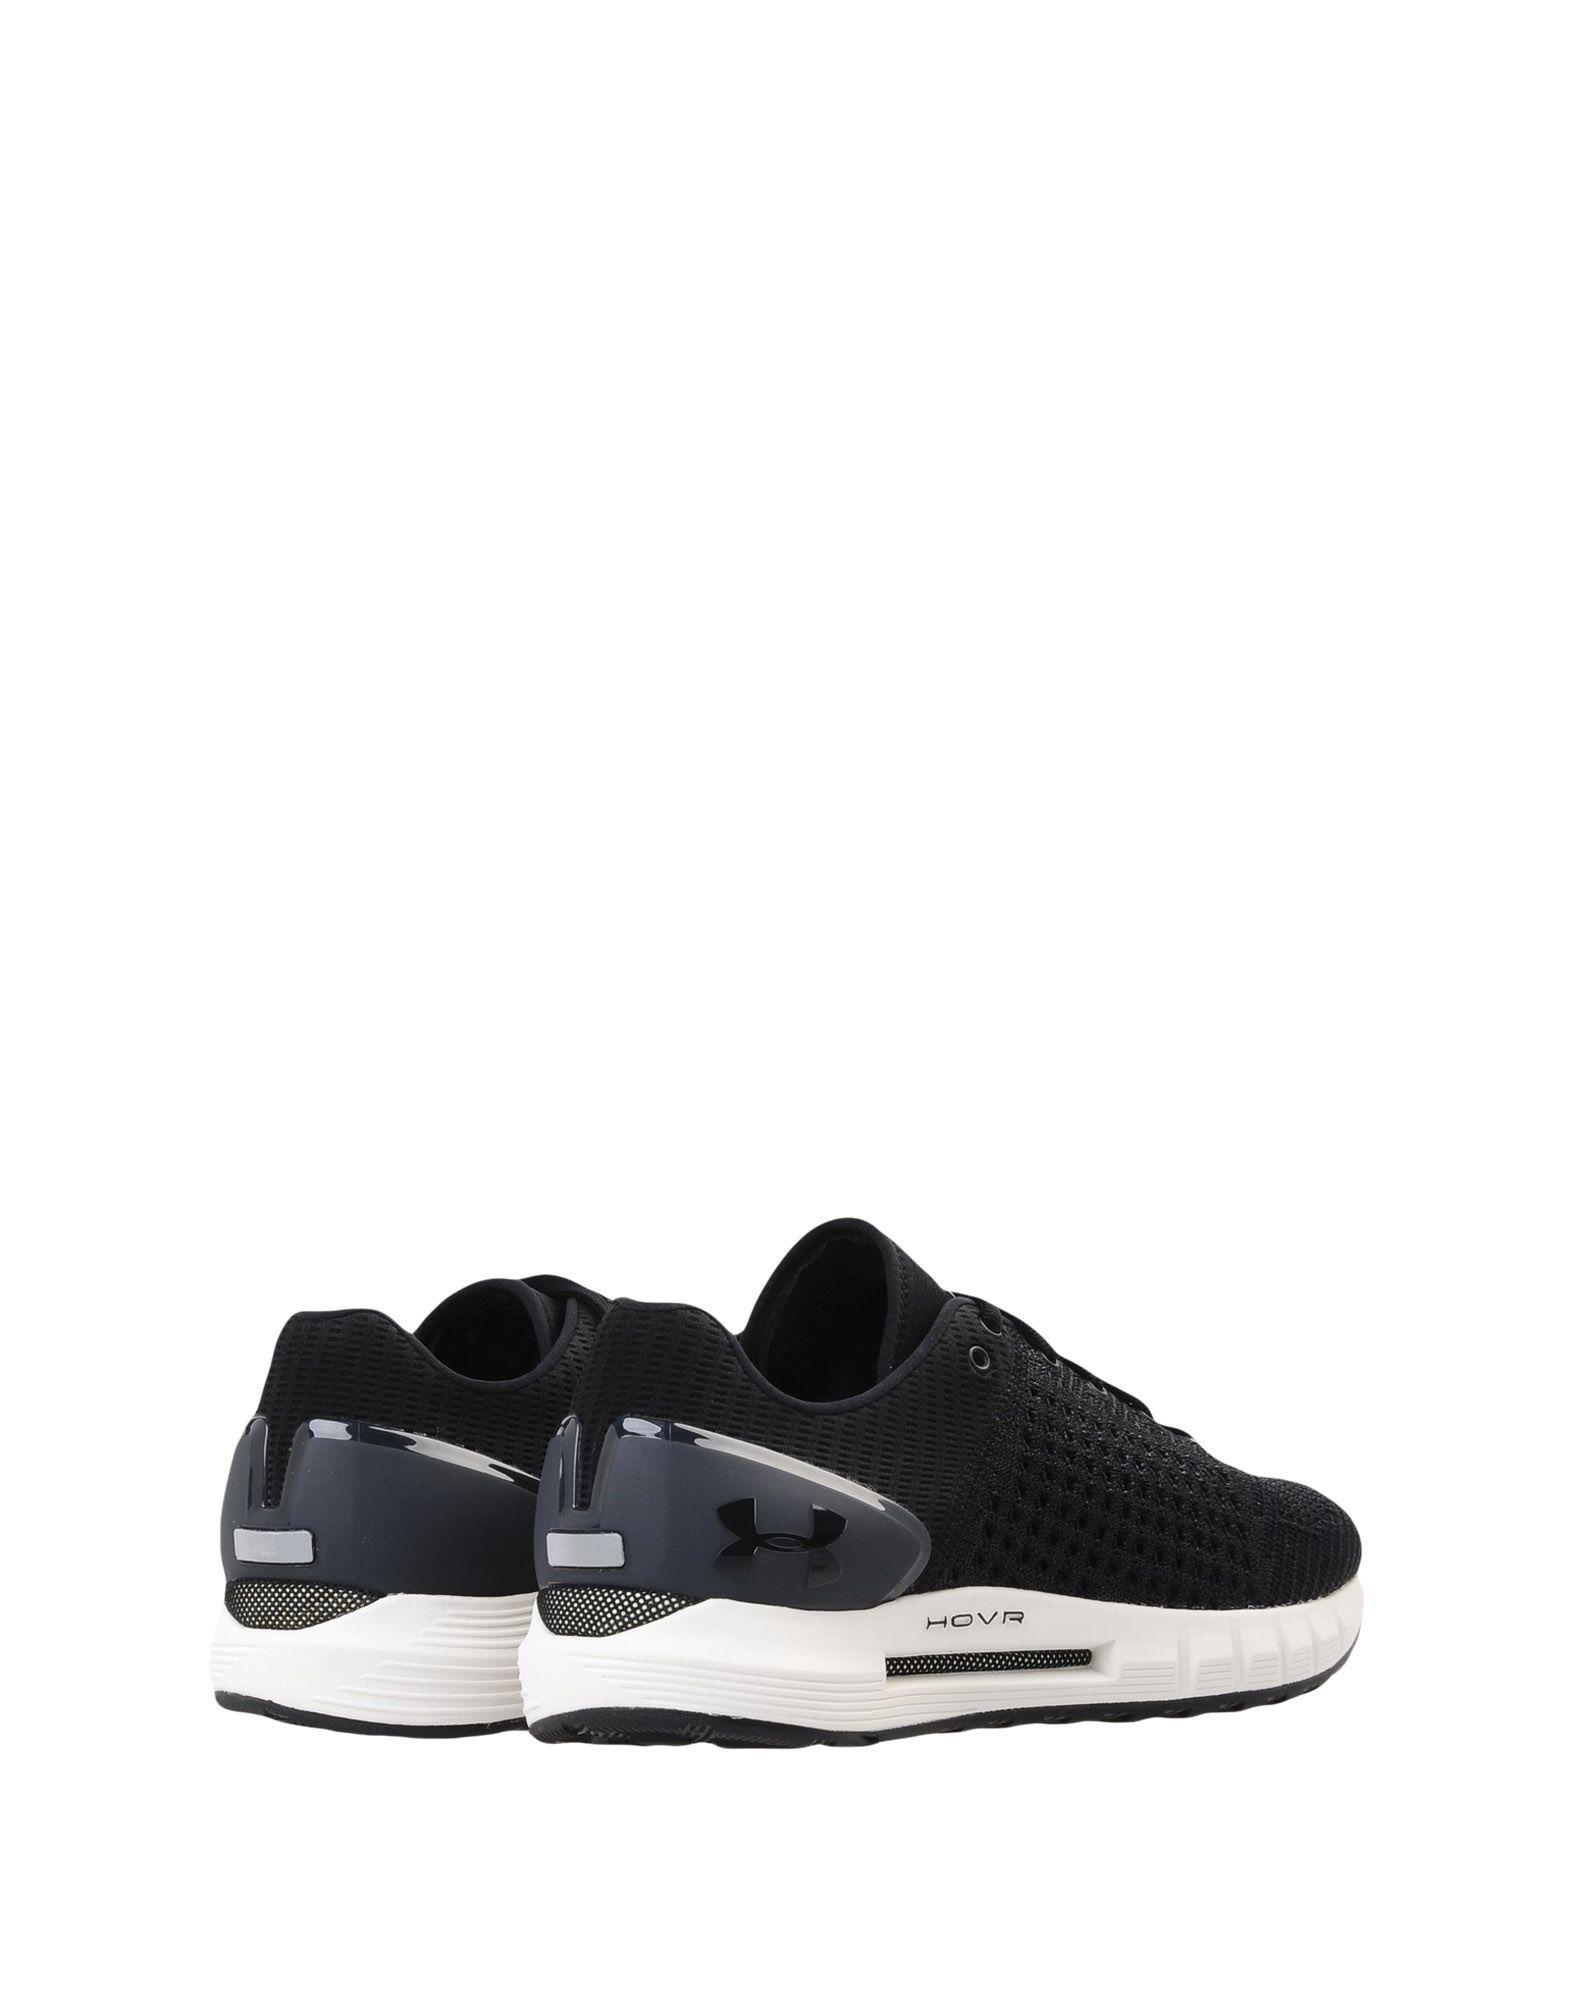 Under Armour Ua Hovr Sonic Nc Gute  11466575XP Gute Nc Qualität beliebte Schuhe ccd8d3